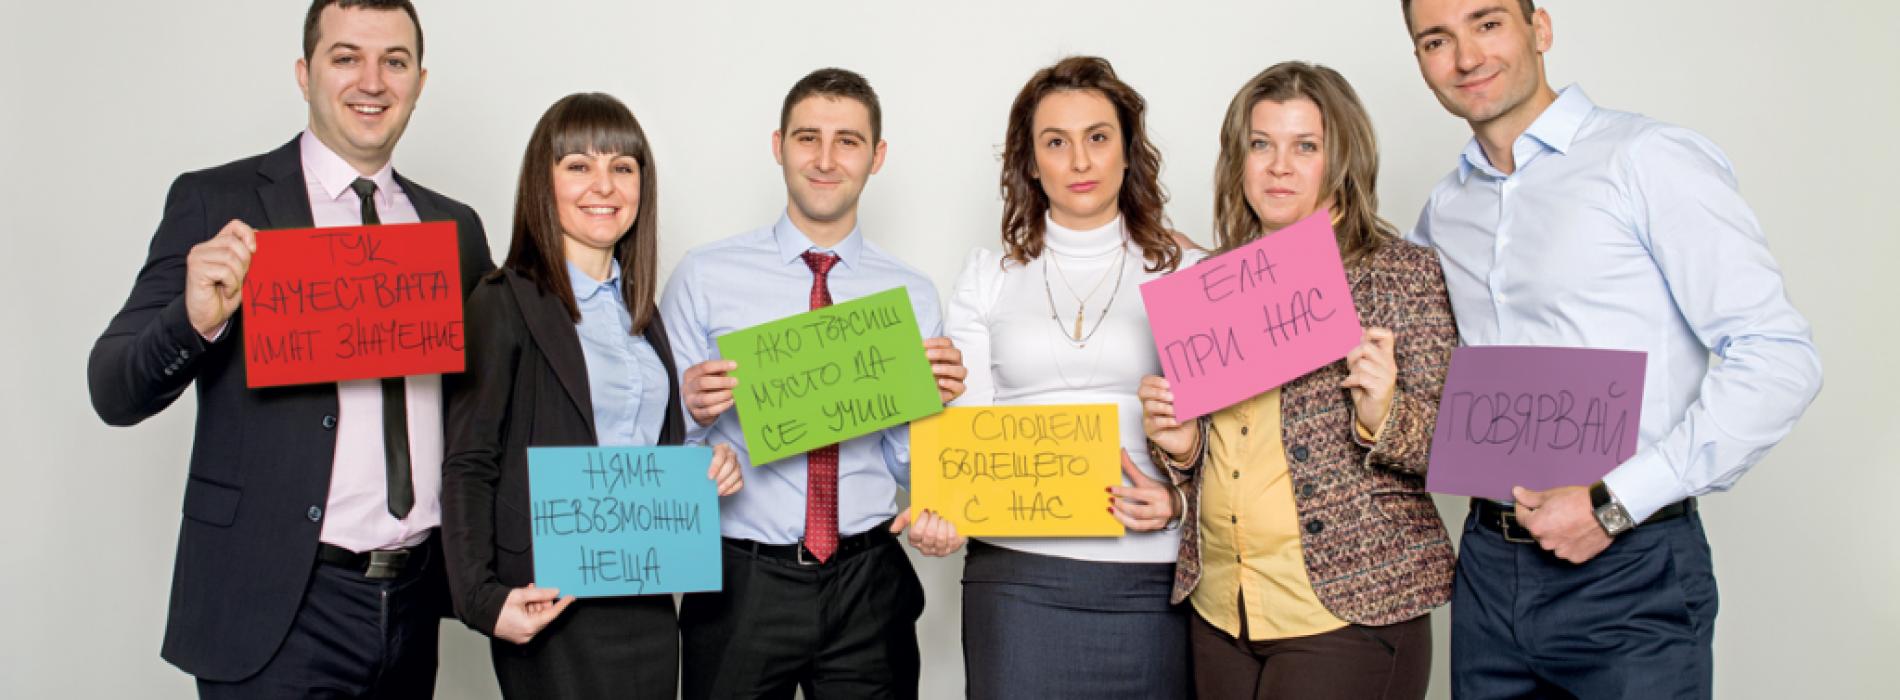 Работодателите на Виртуални дни на кариерата 2018: Райфайзенбанк (България) ЕАД